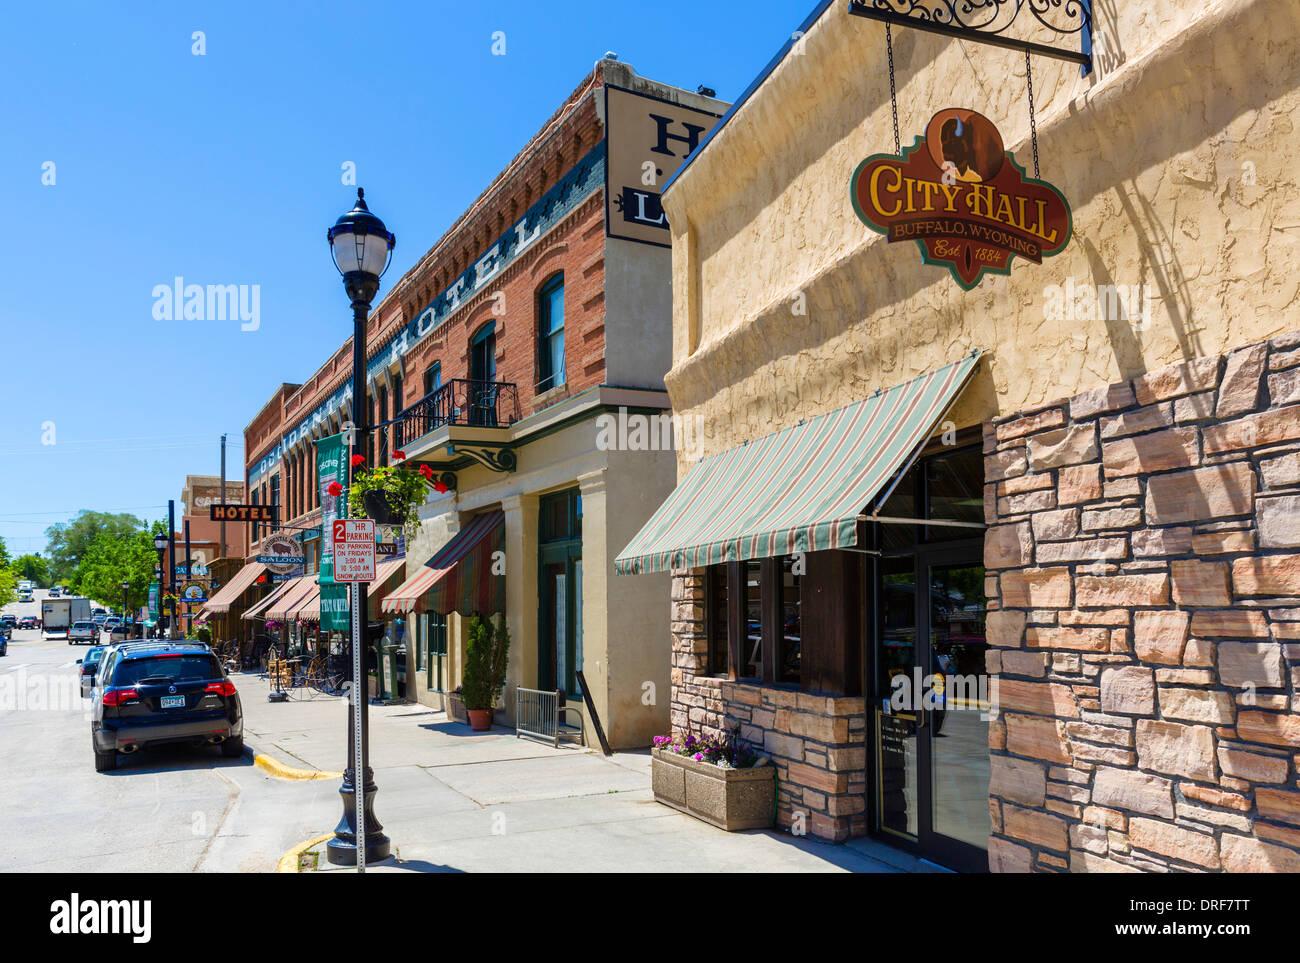 Rathaus und Occidental Hotel auf der Hauptstraße in der historischen Innenstadt von Buffalo, Wyoming, USA Stockbild